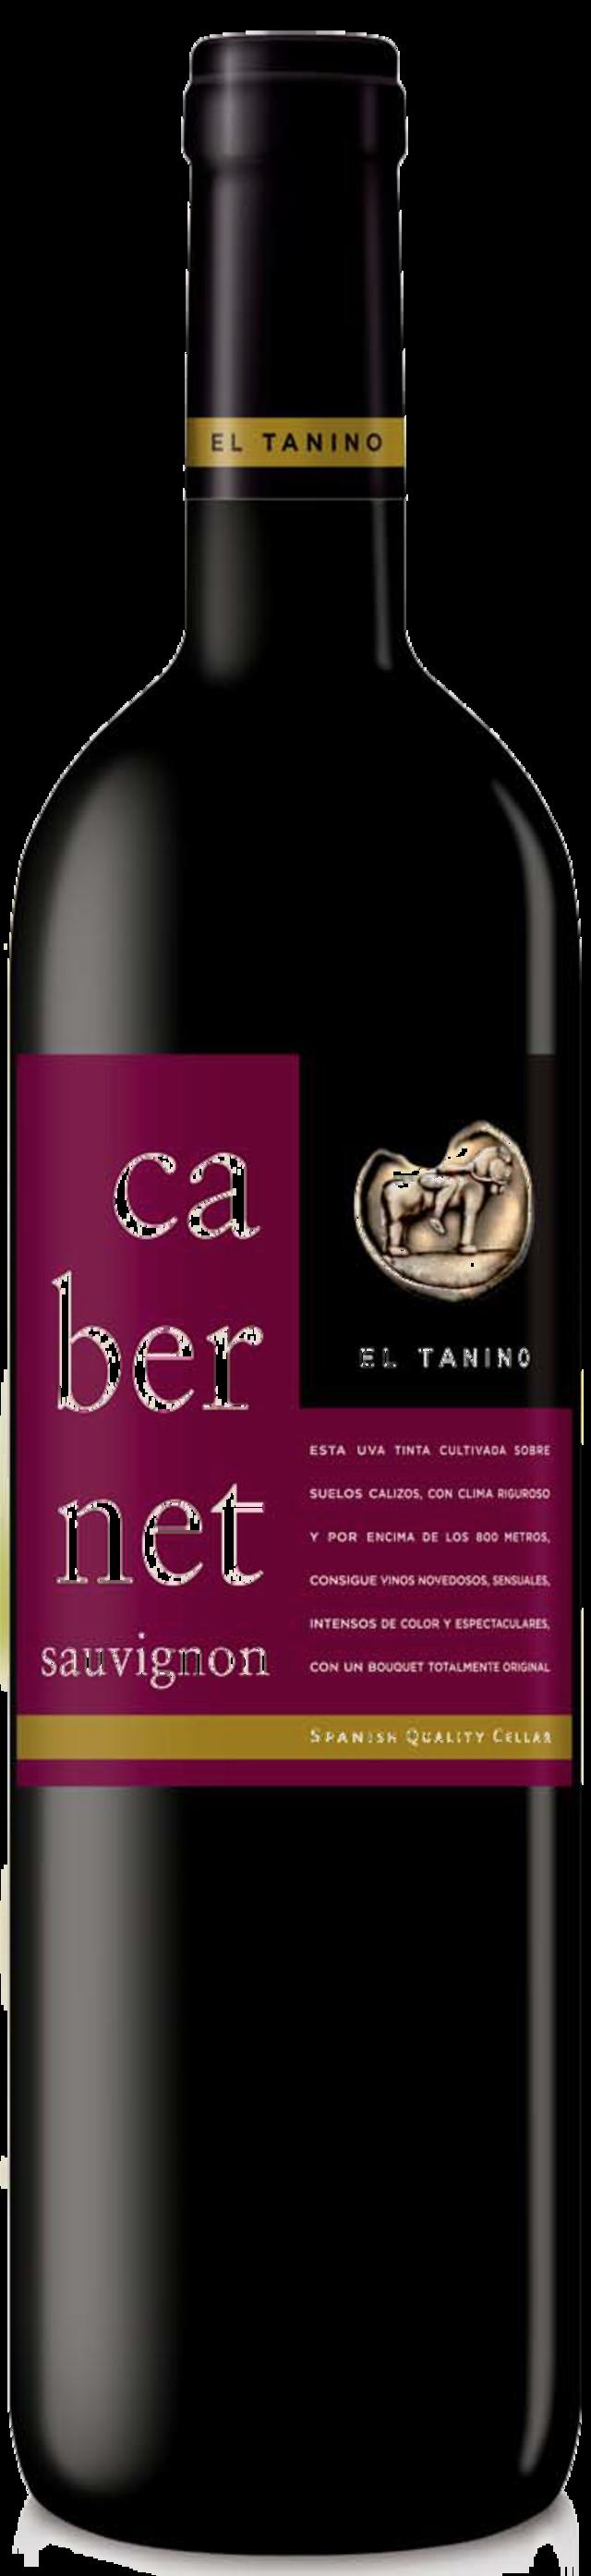 Cabernet El Tanino